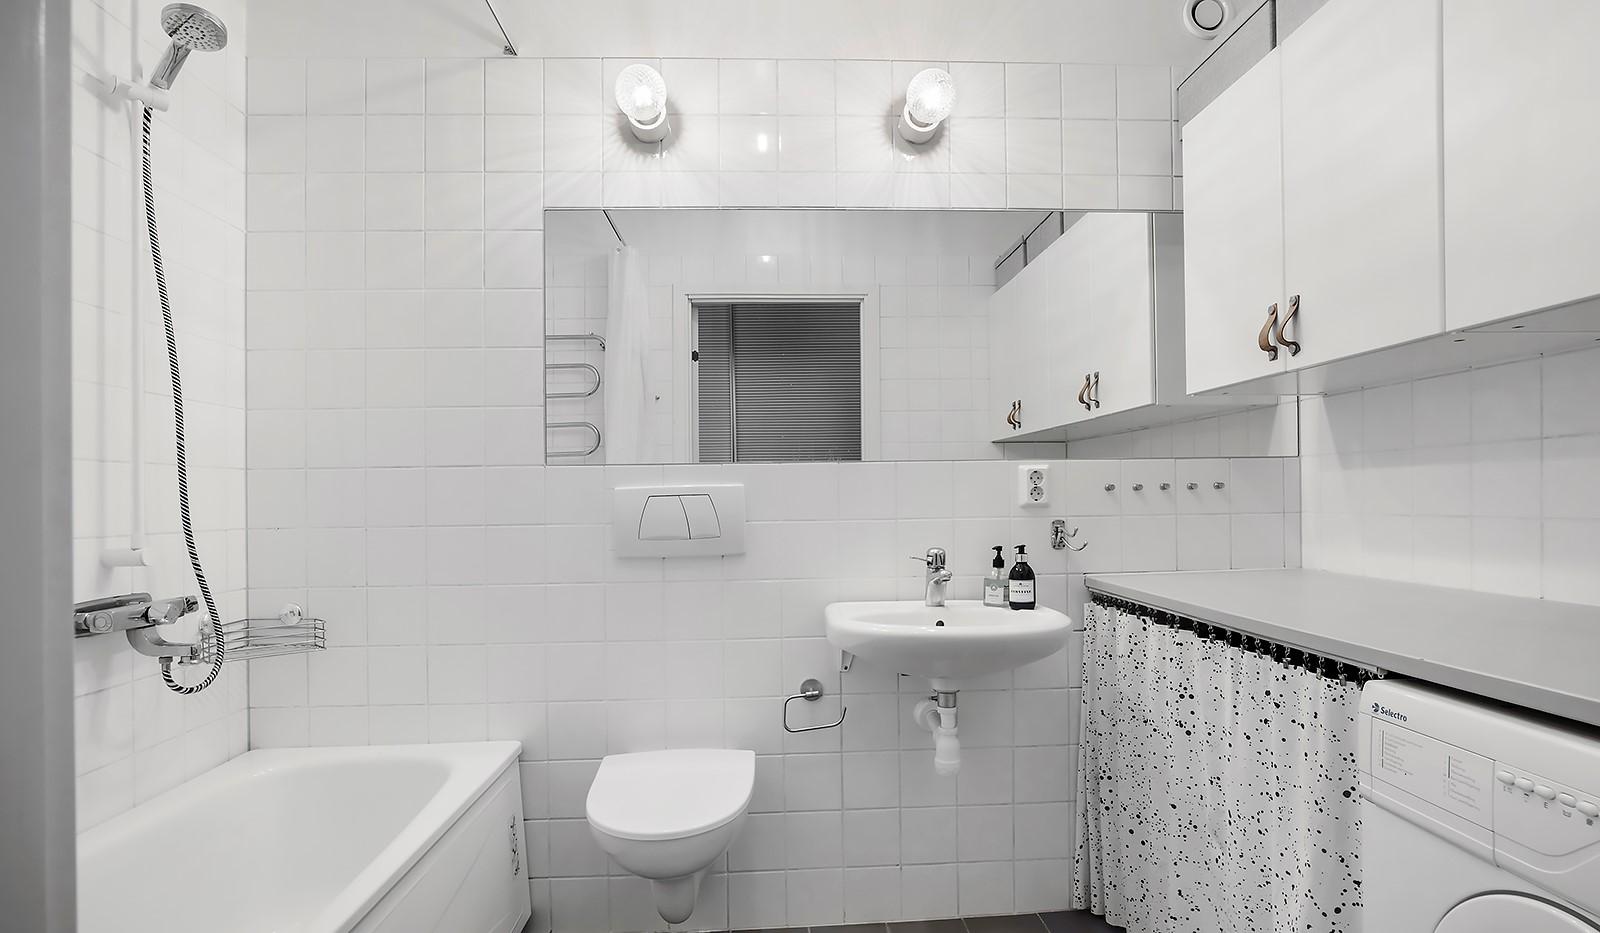 Sickla kanalgata 67, 3 tr - Stilrent och fullt utrustat badrum